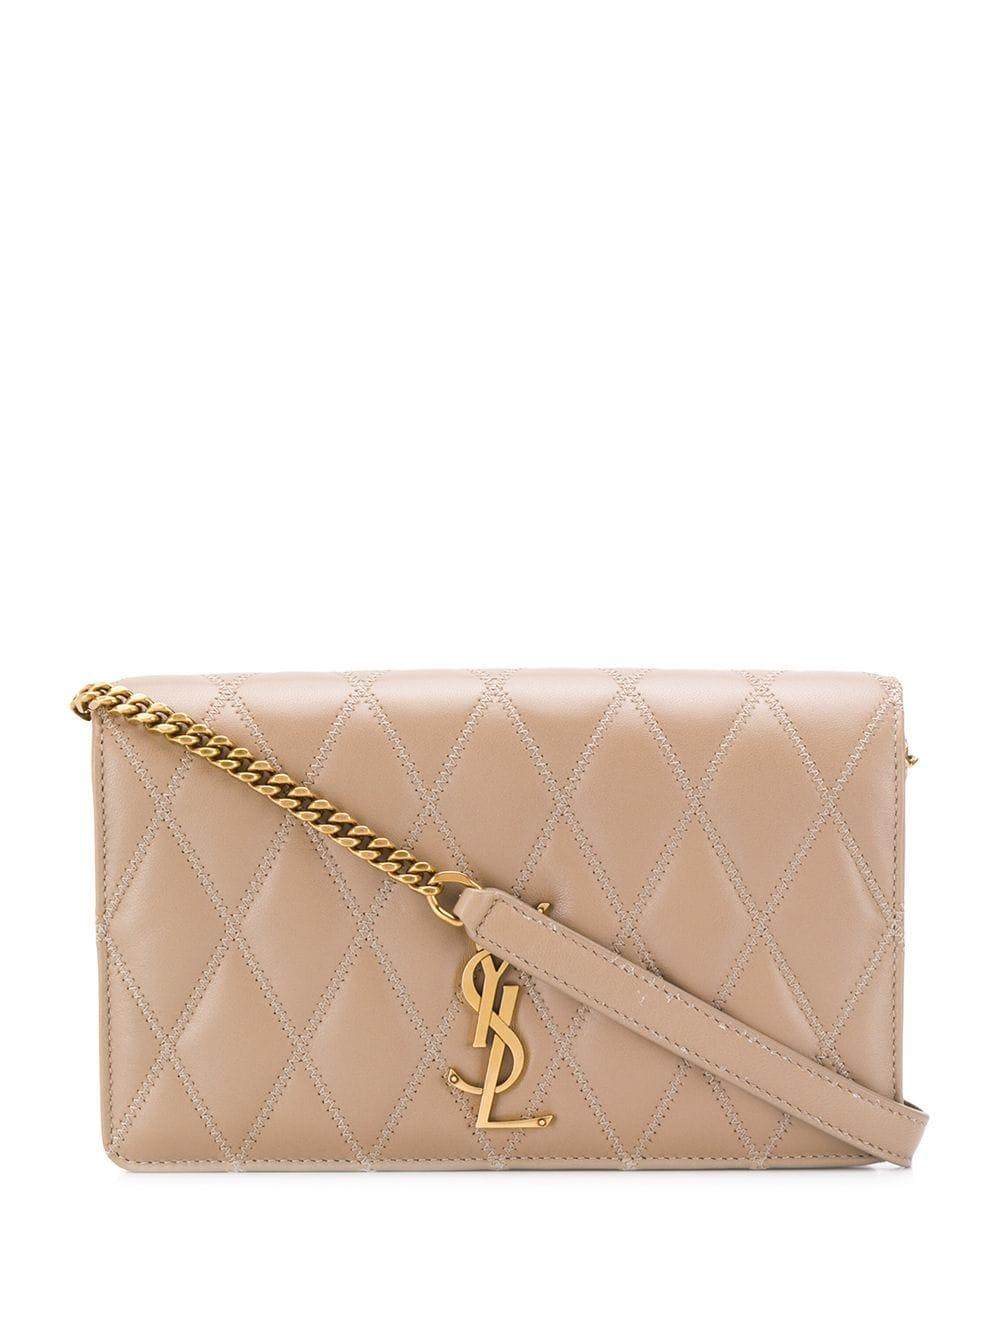 Angie Patch Zig Zag Crossbody Bag